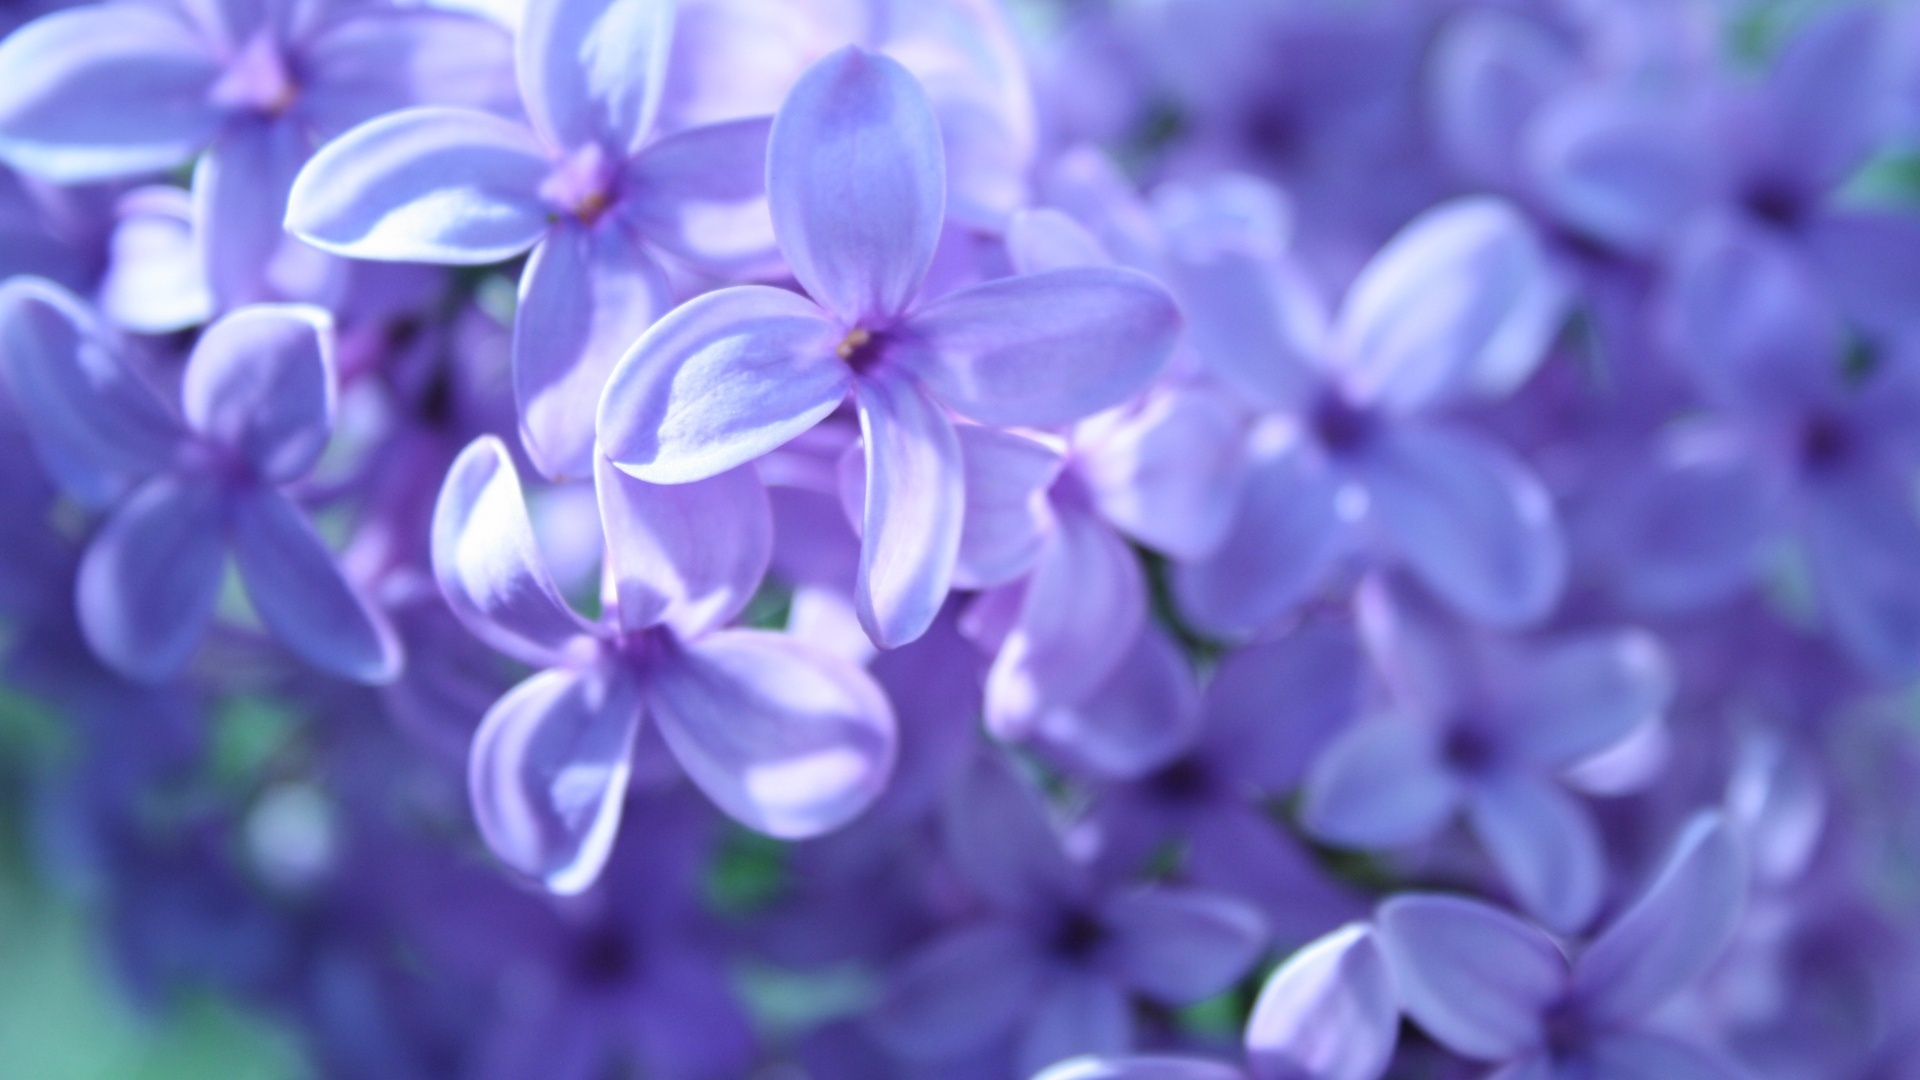 Purple Flowers Wallpaper 1920x1080